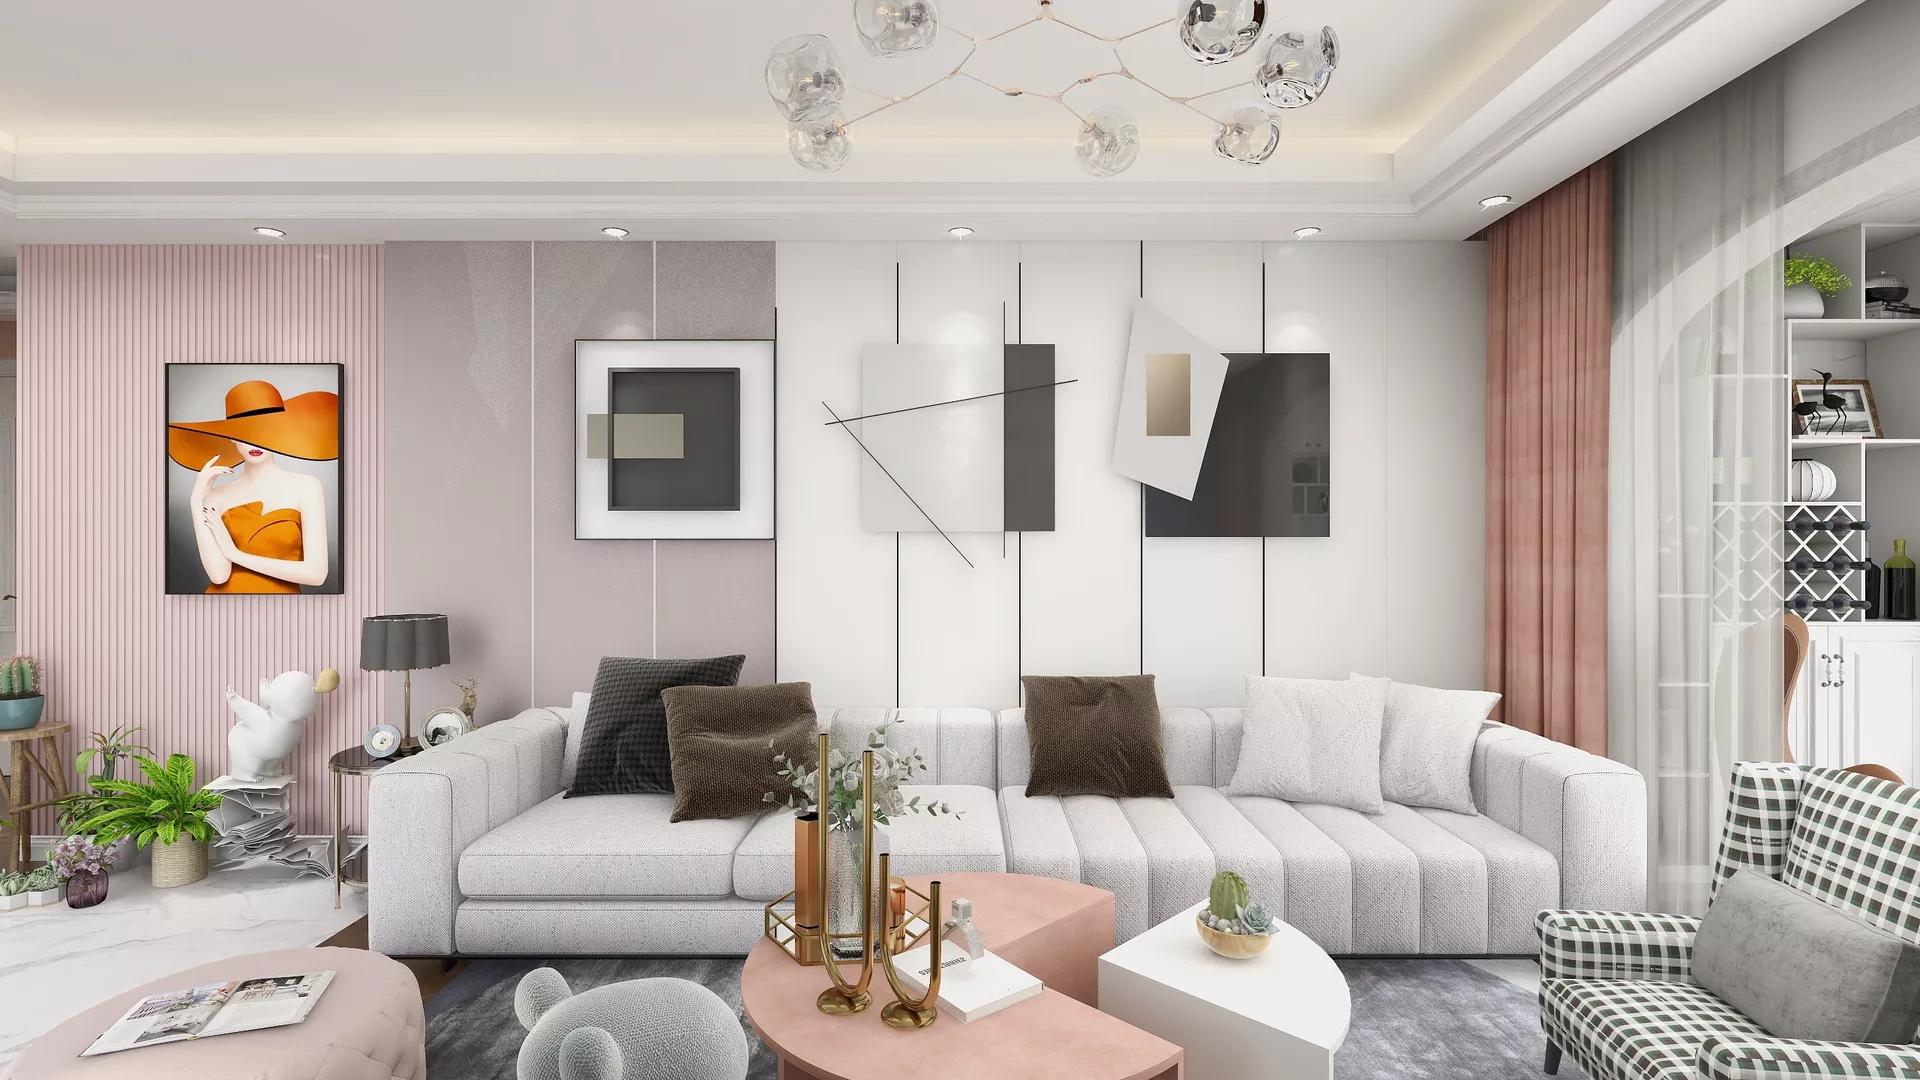 客厅装修设计原则 客厅装修的注意事项